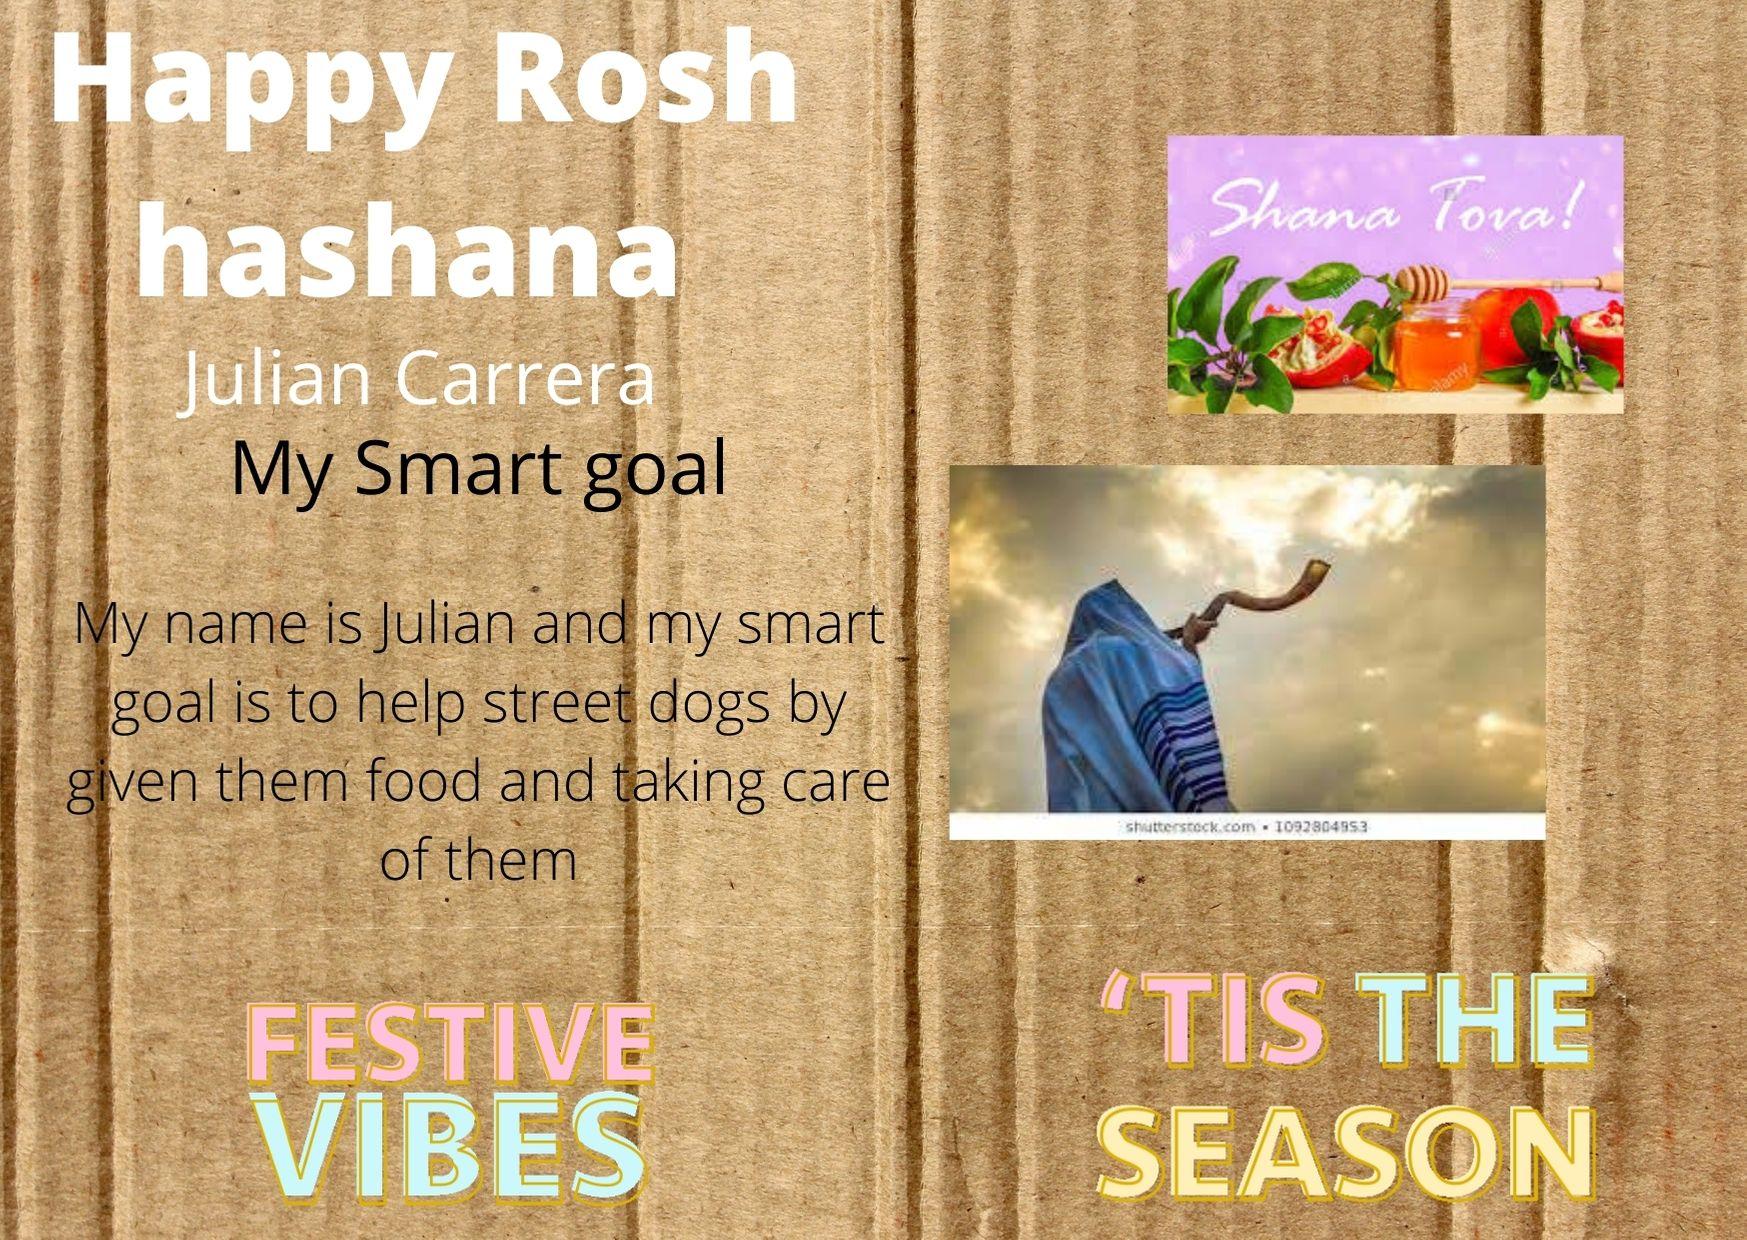 happy rosh hashana